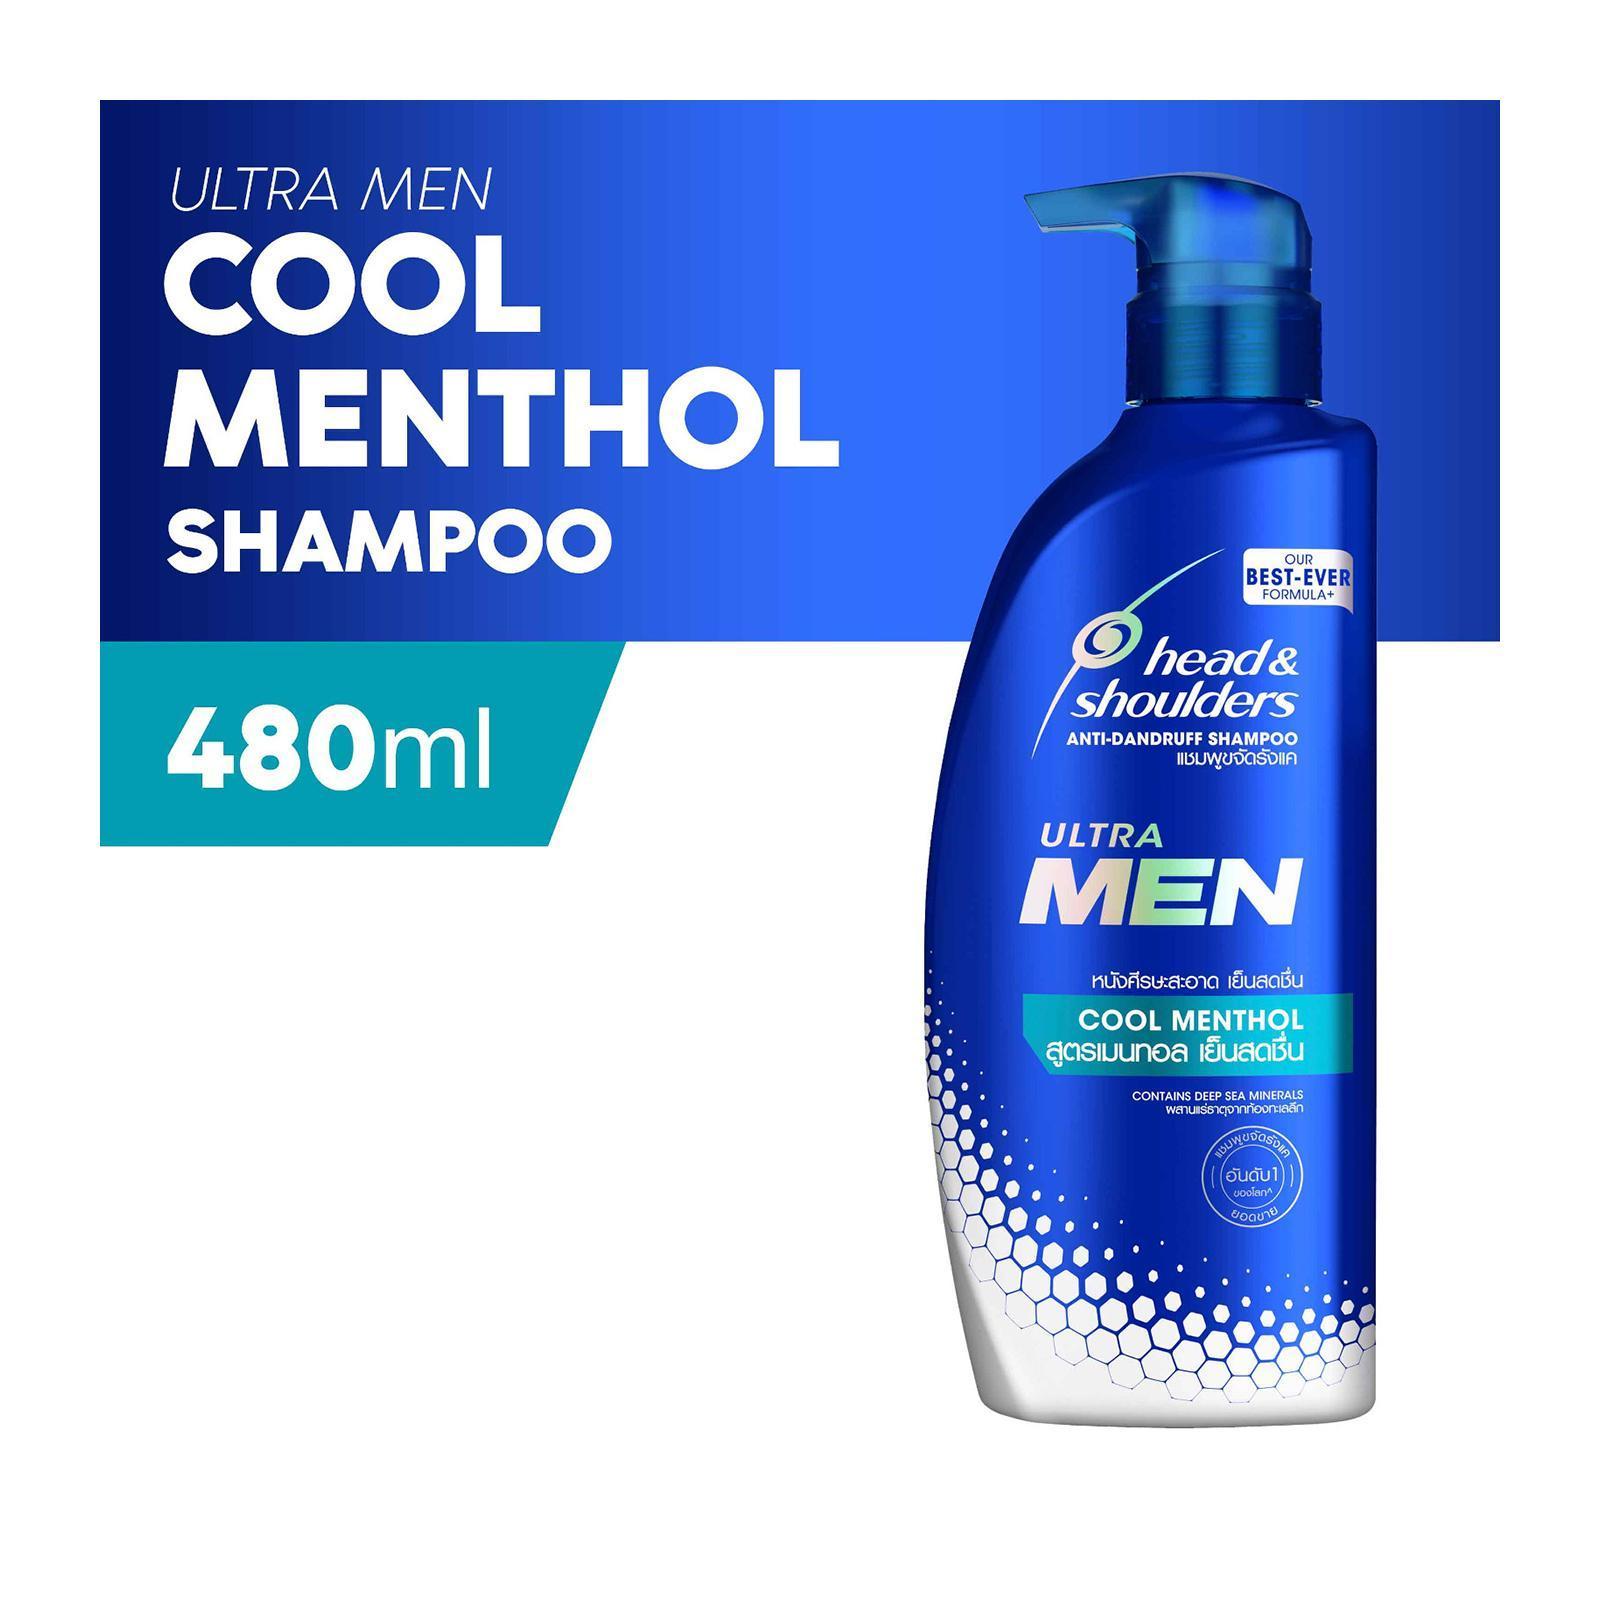 Head And Shoulders Ultra Men Cool Menthol Anti-Dandruff Shampoo 480ml